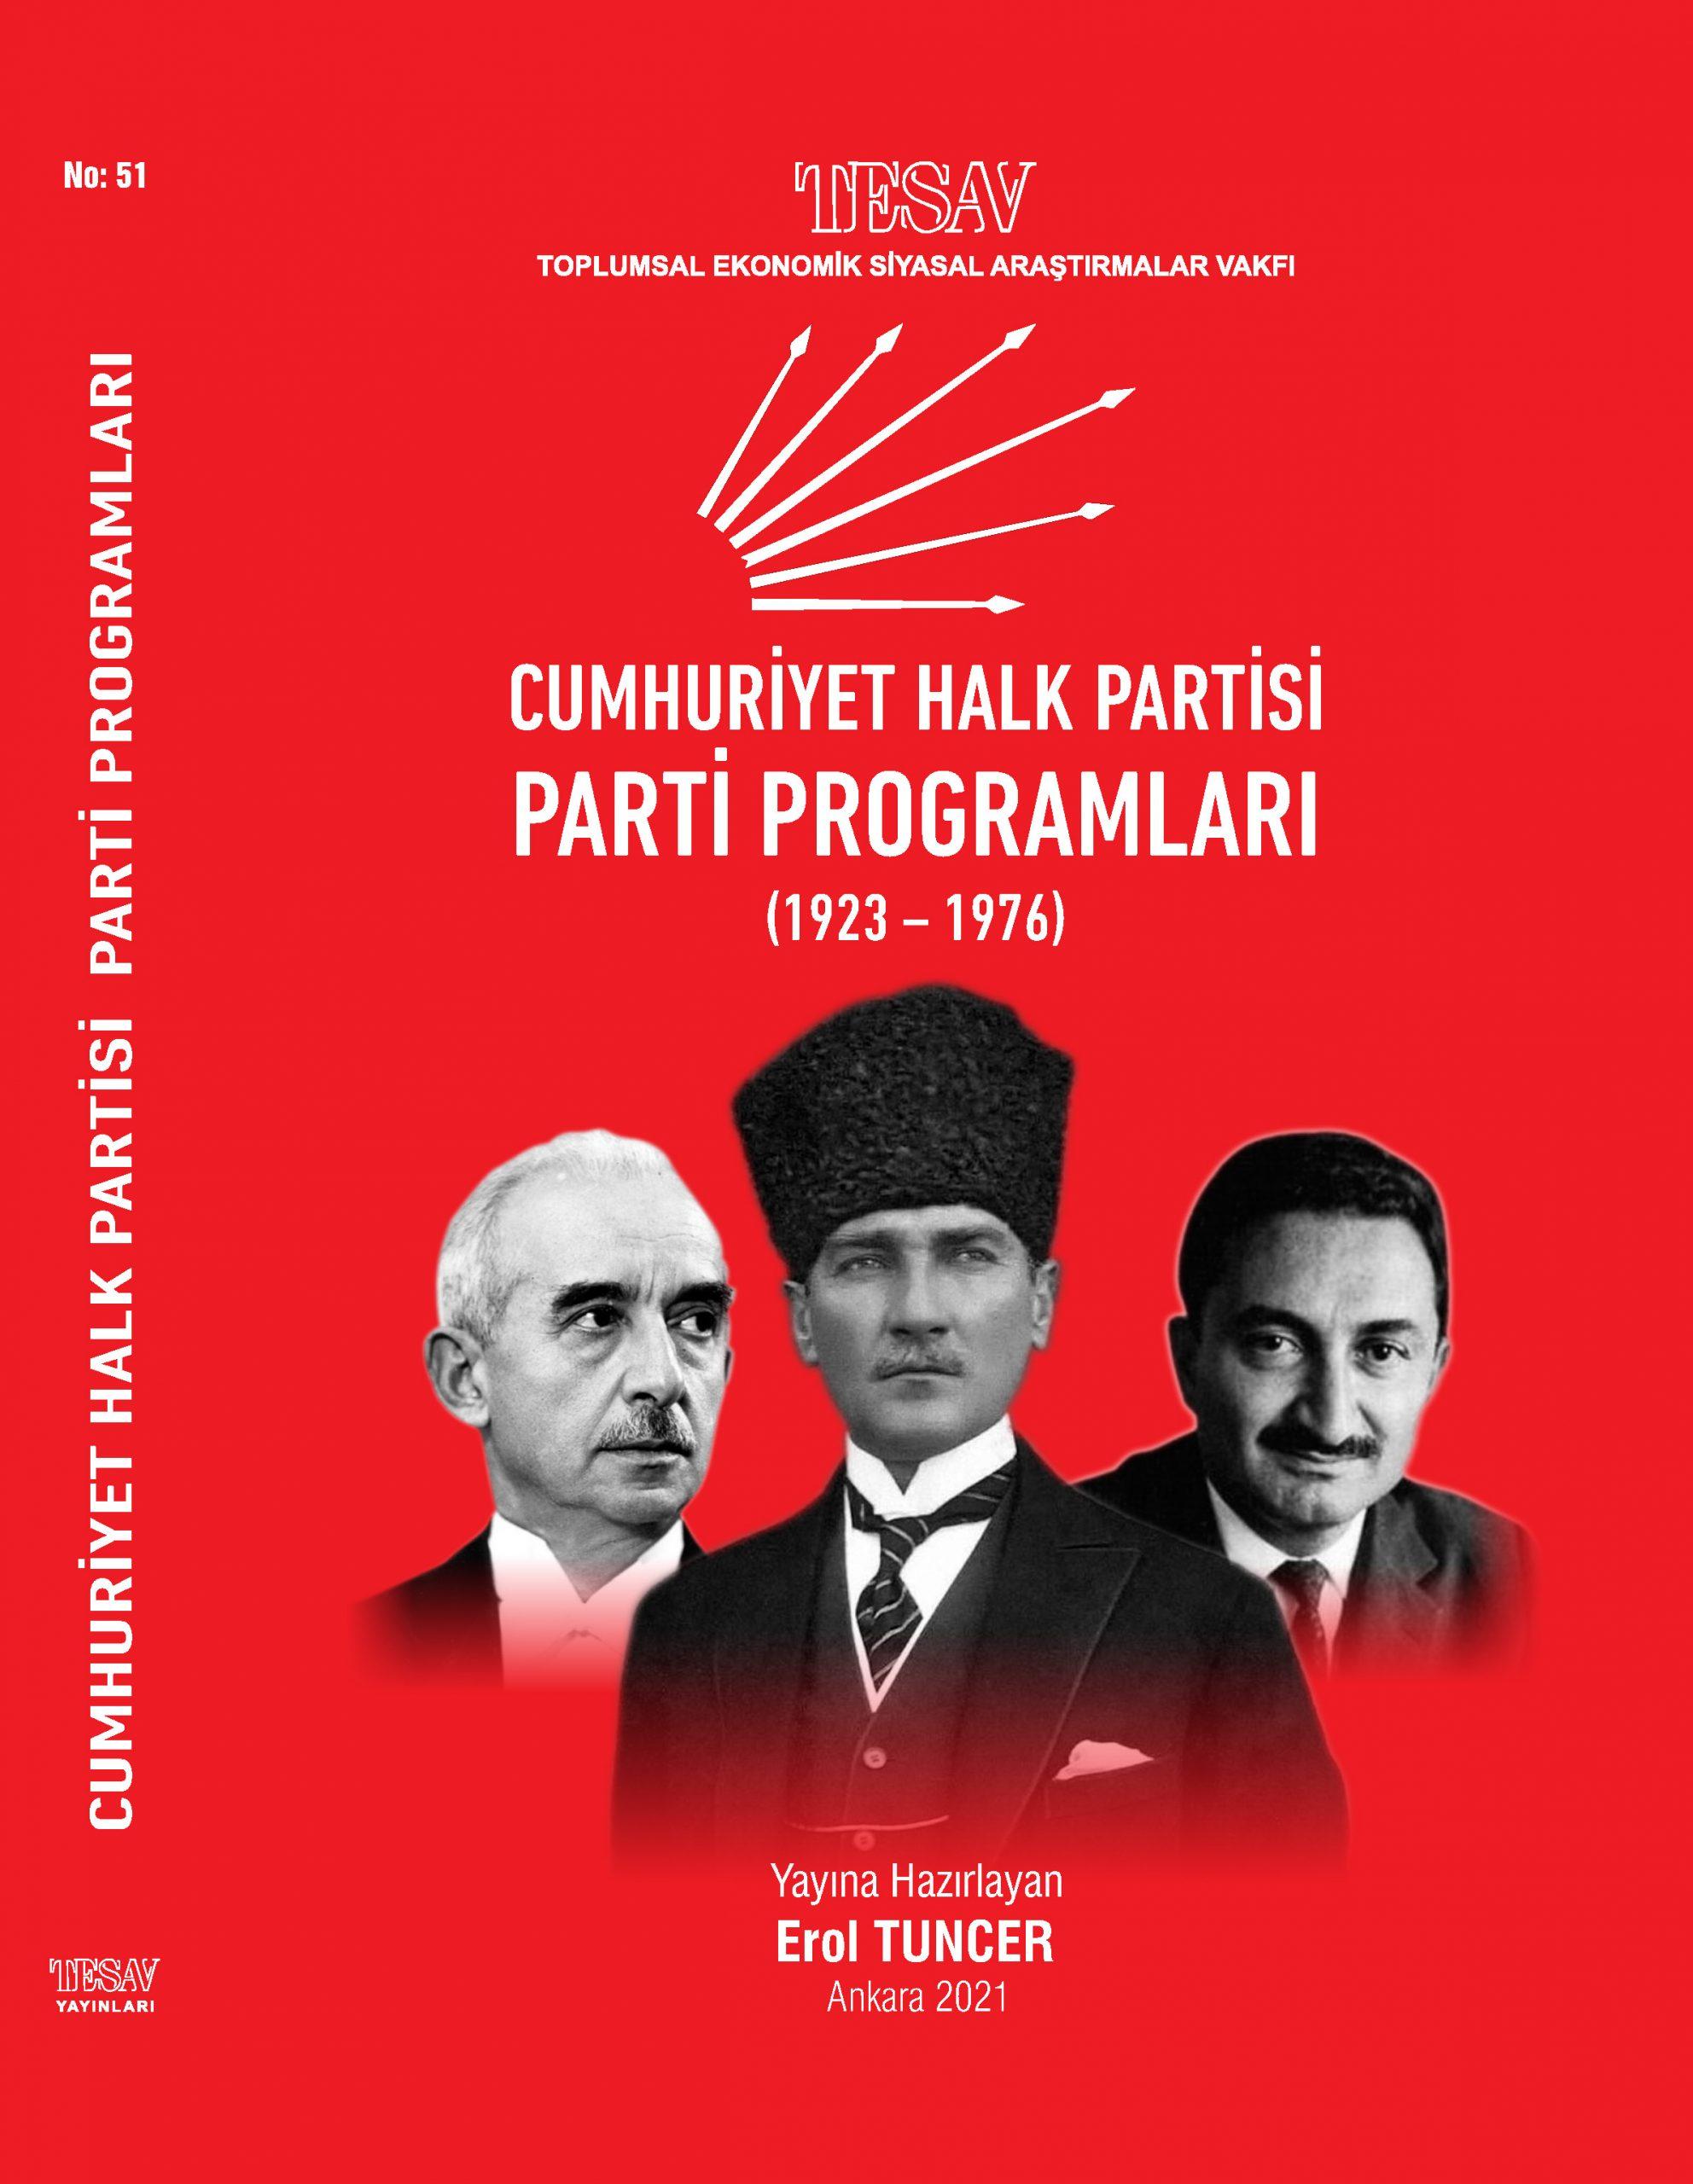 CHP Parti Programları (1923-1976)